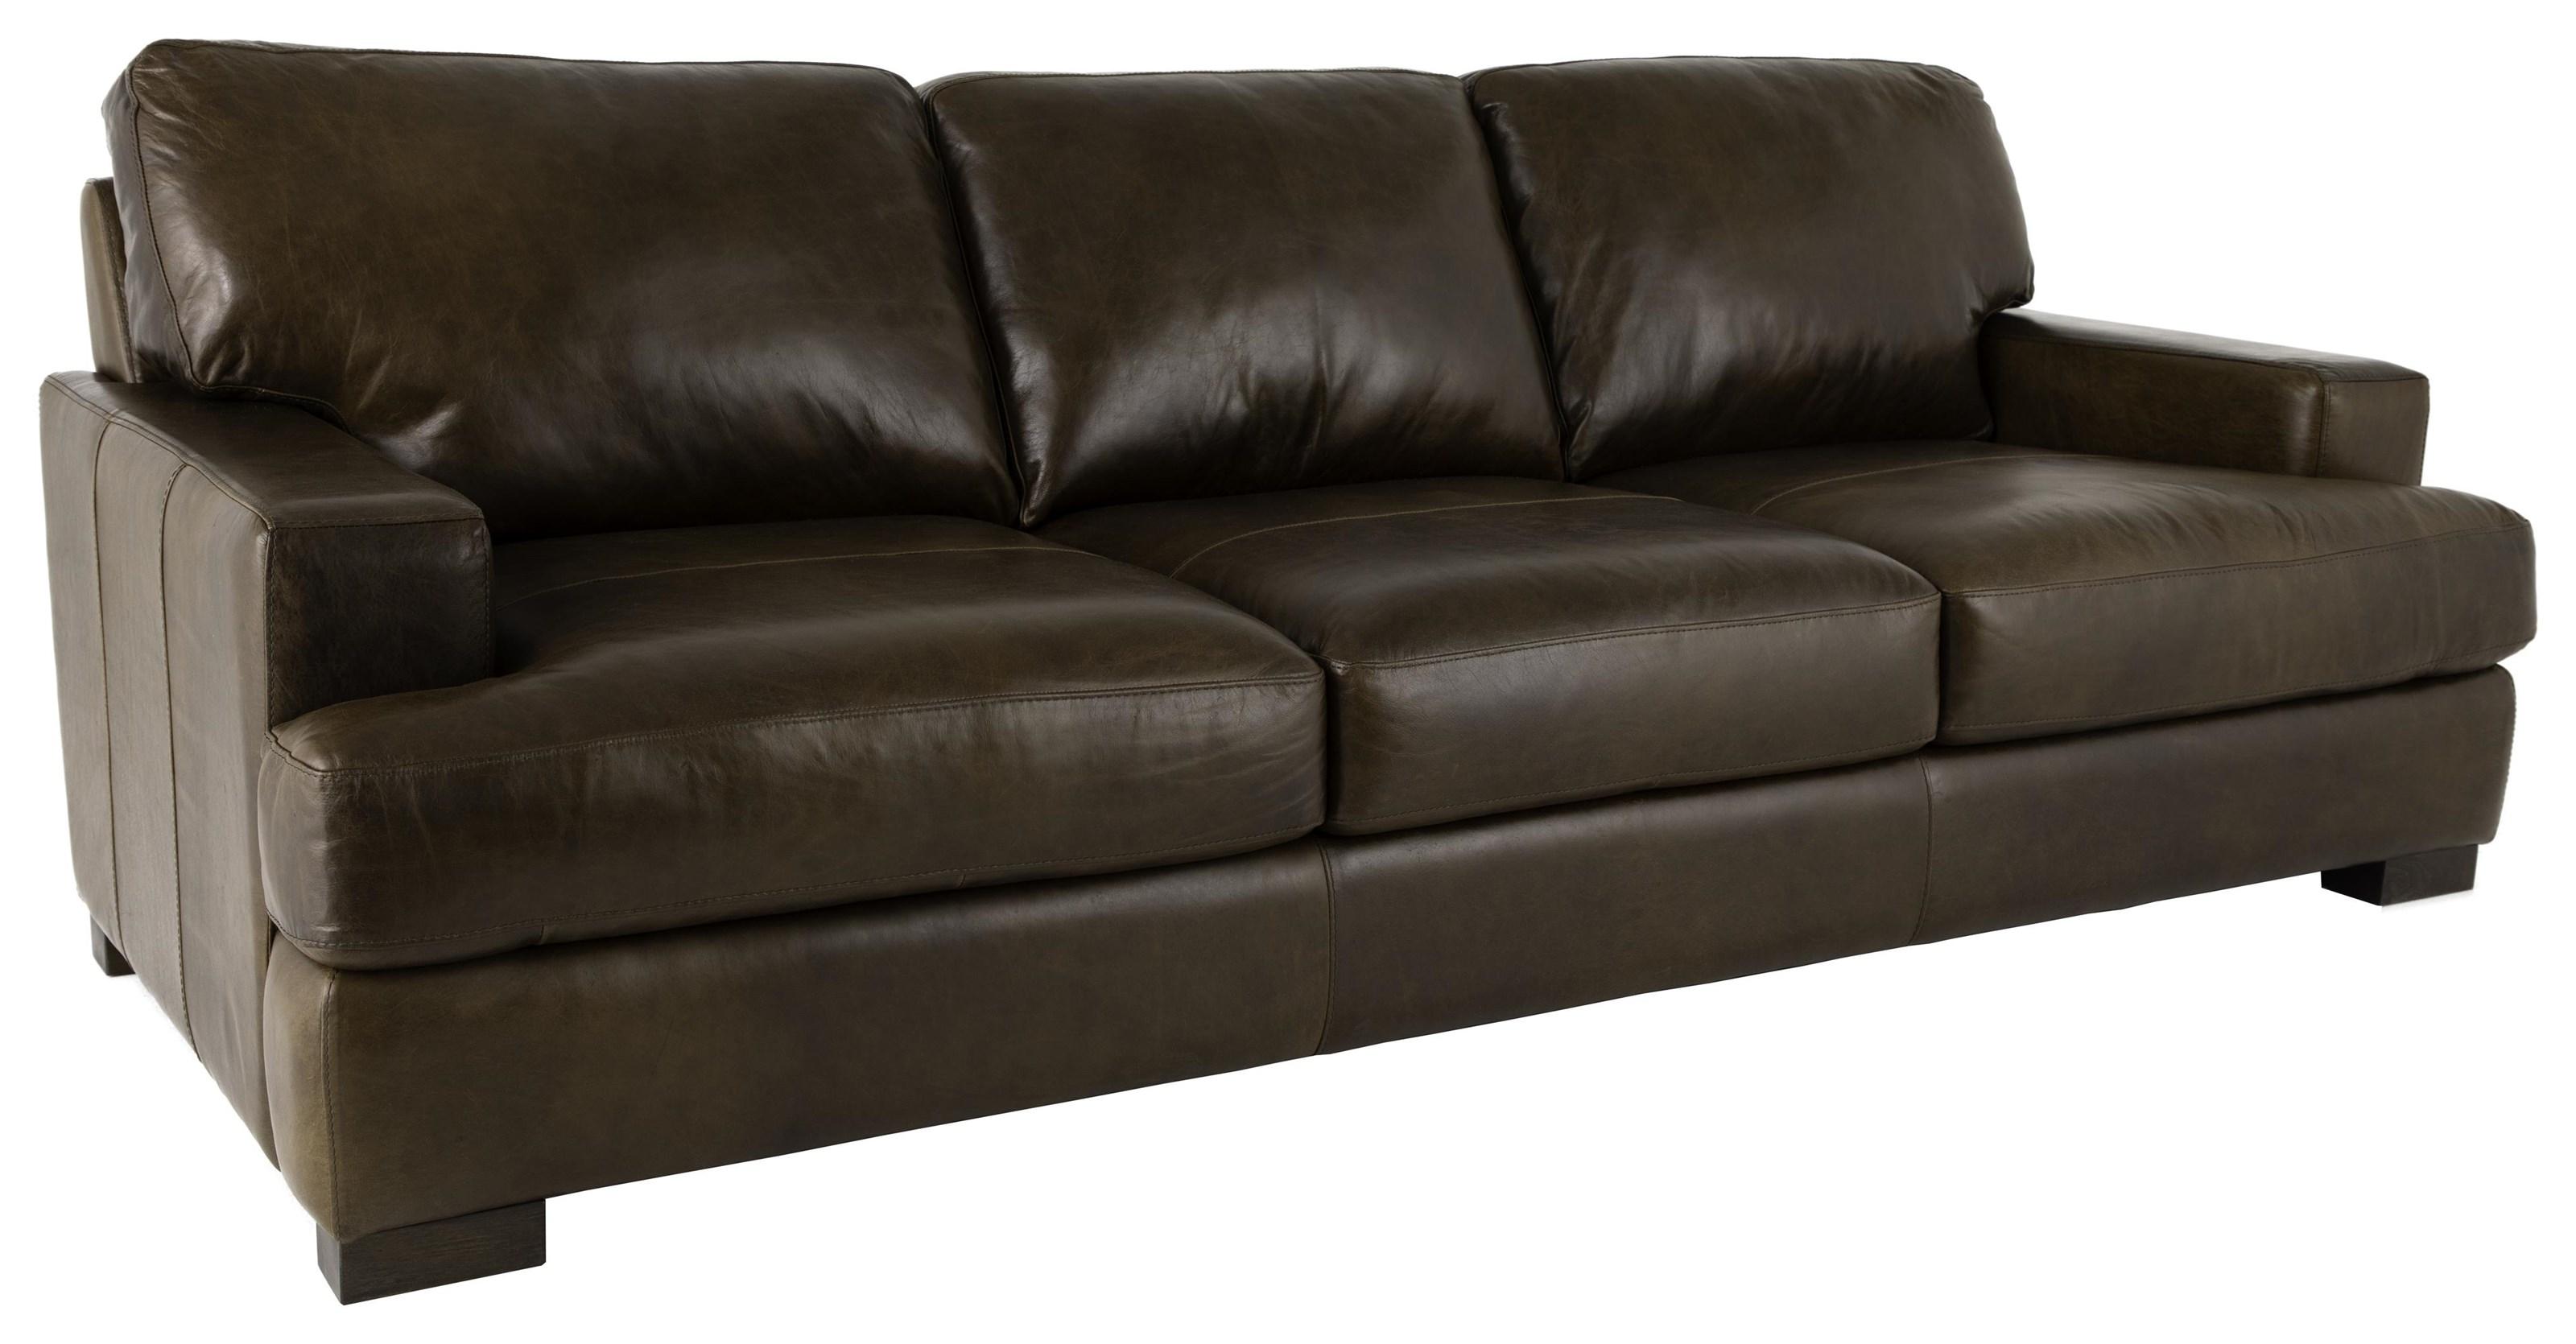 Full Italian Leather Sofa